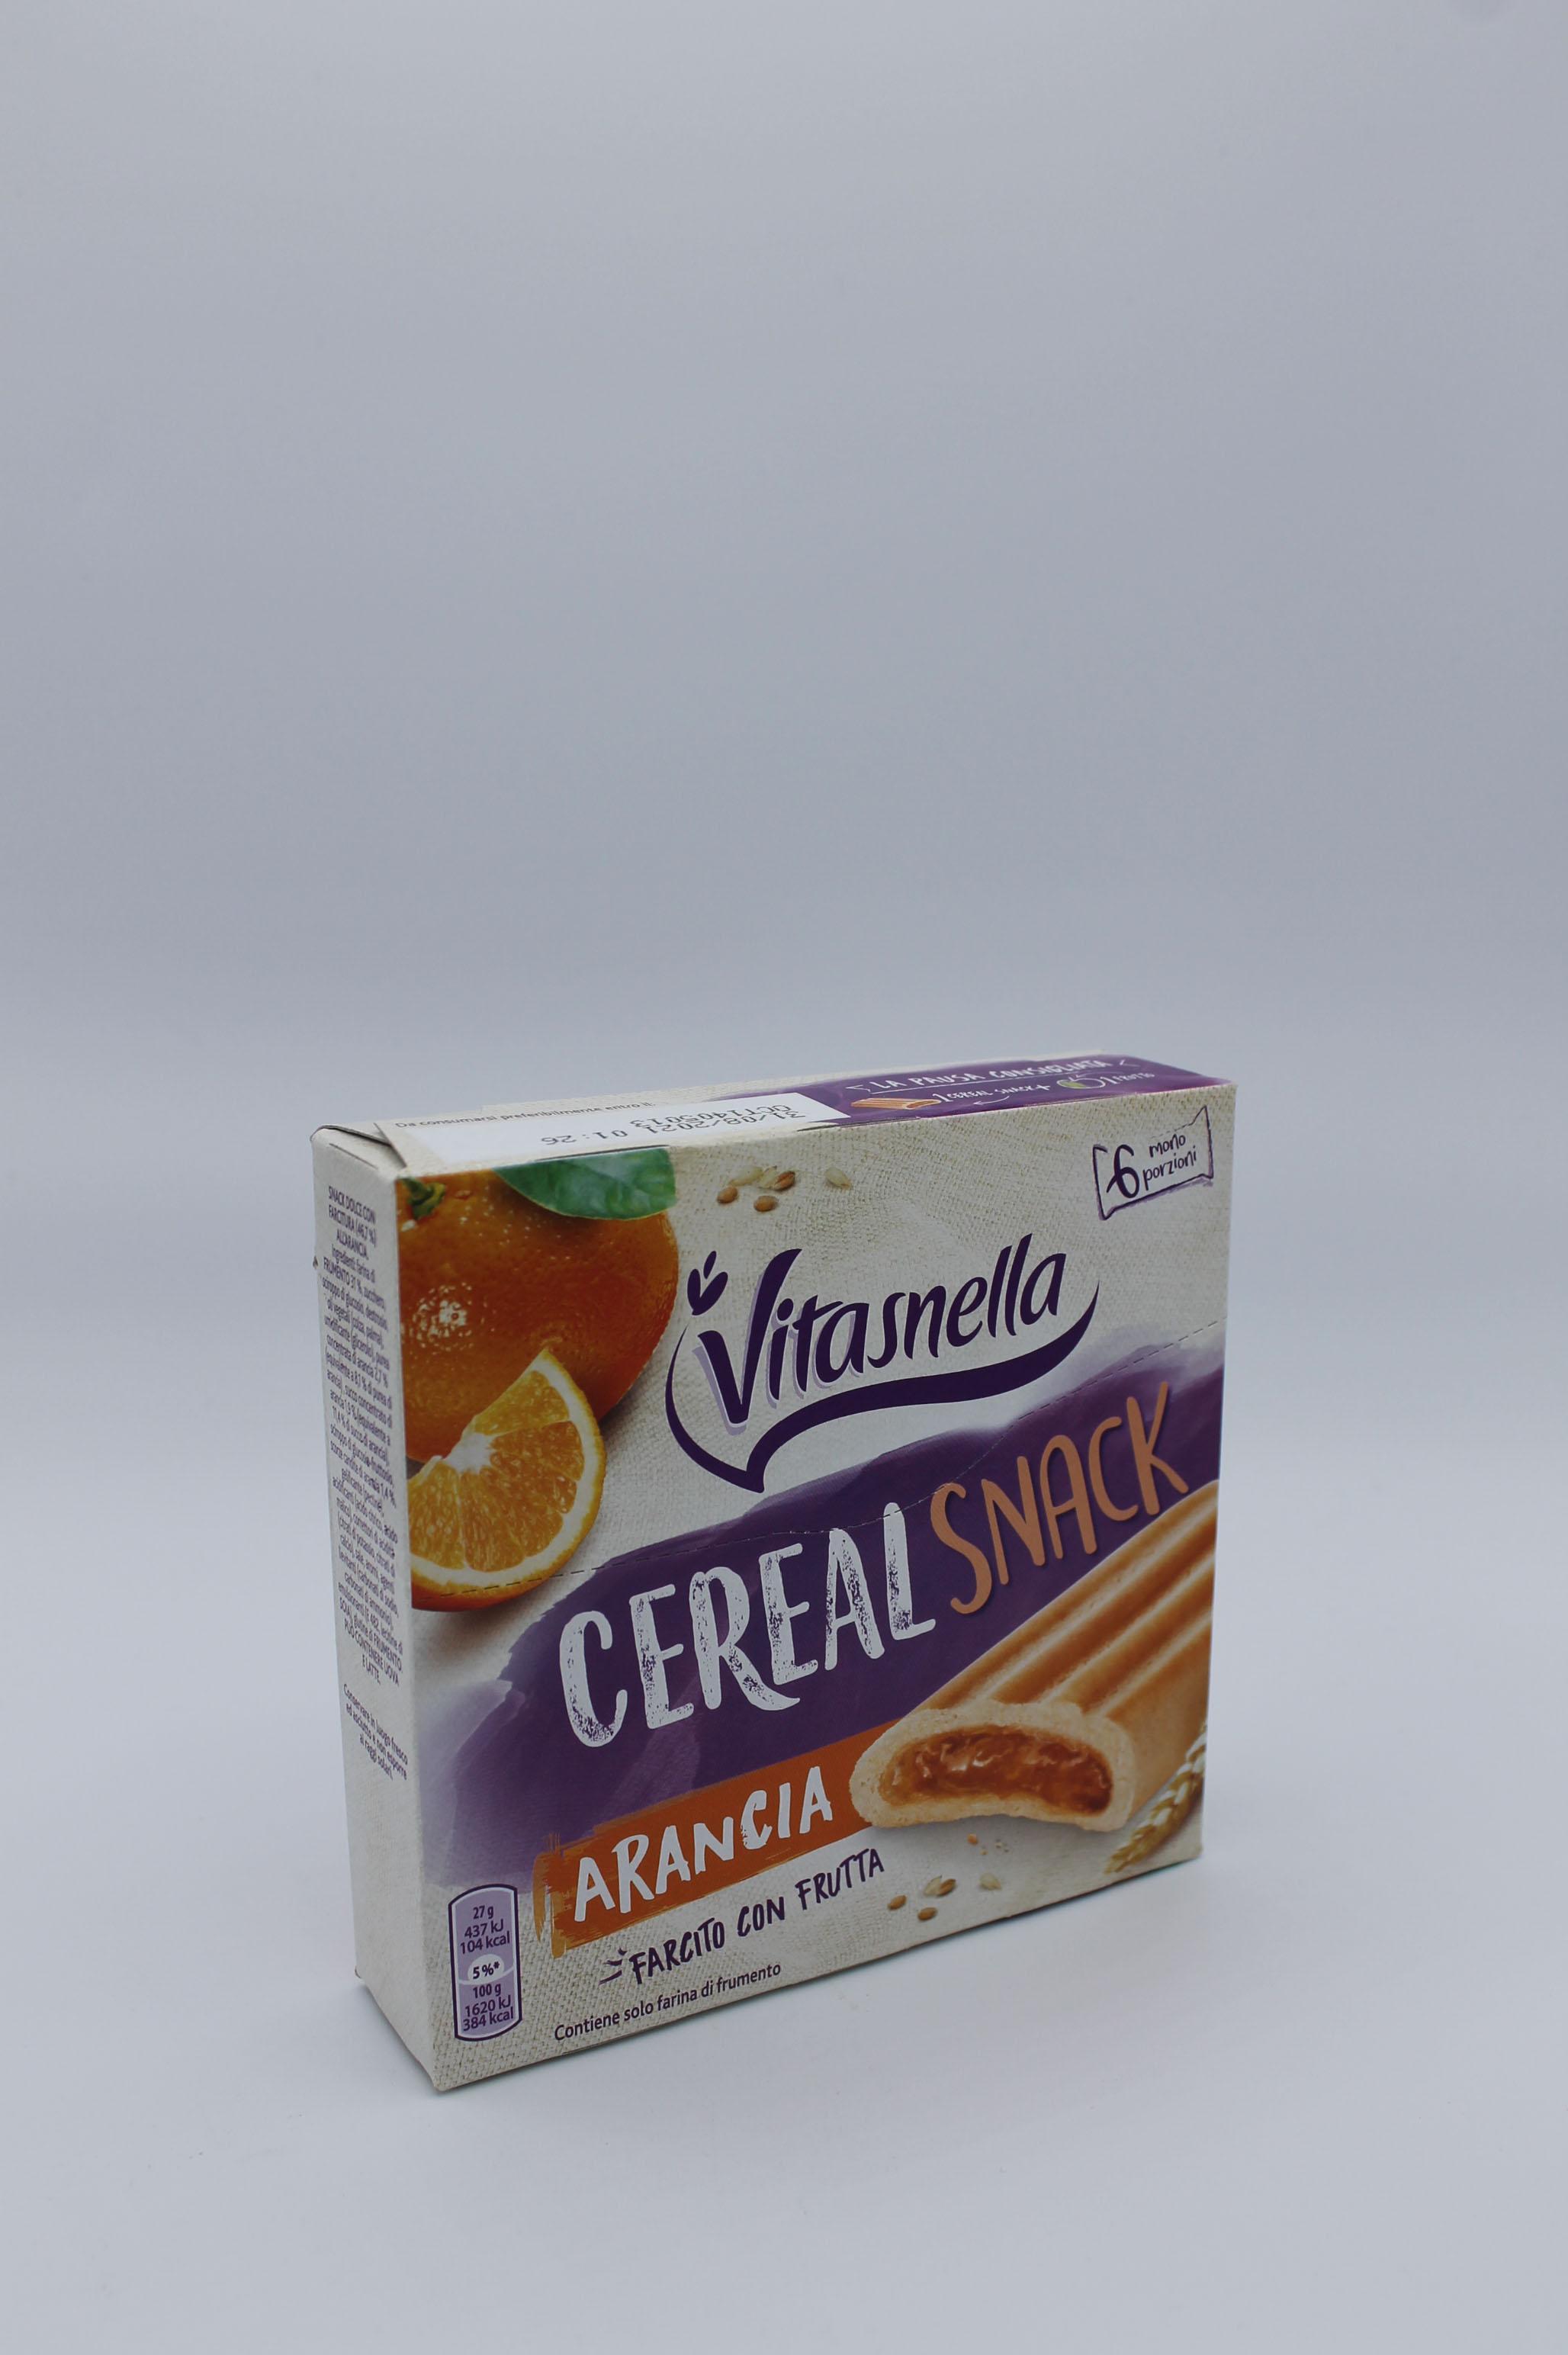 Vitasnella cereal snack 162 gr vari gusti.